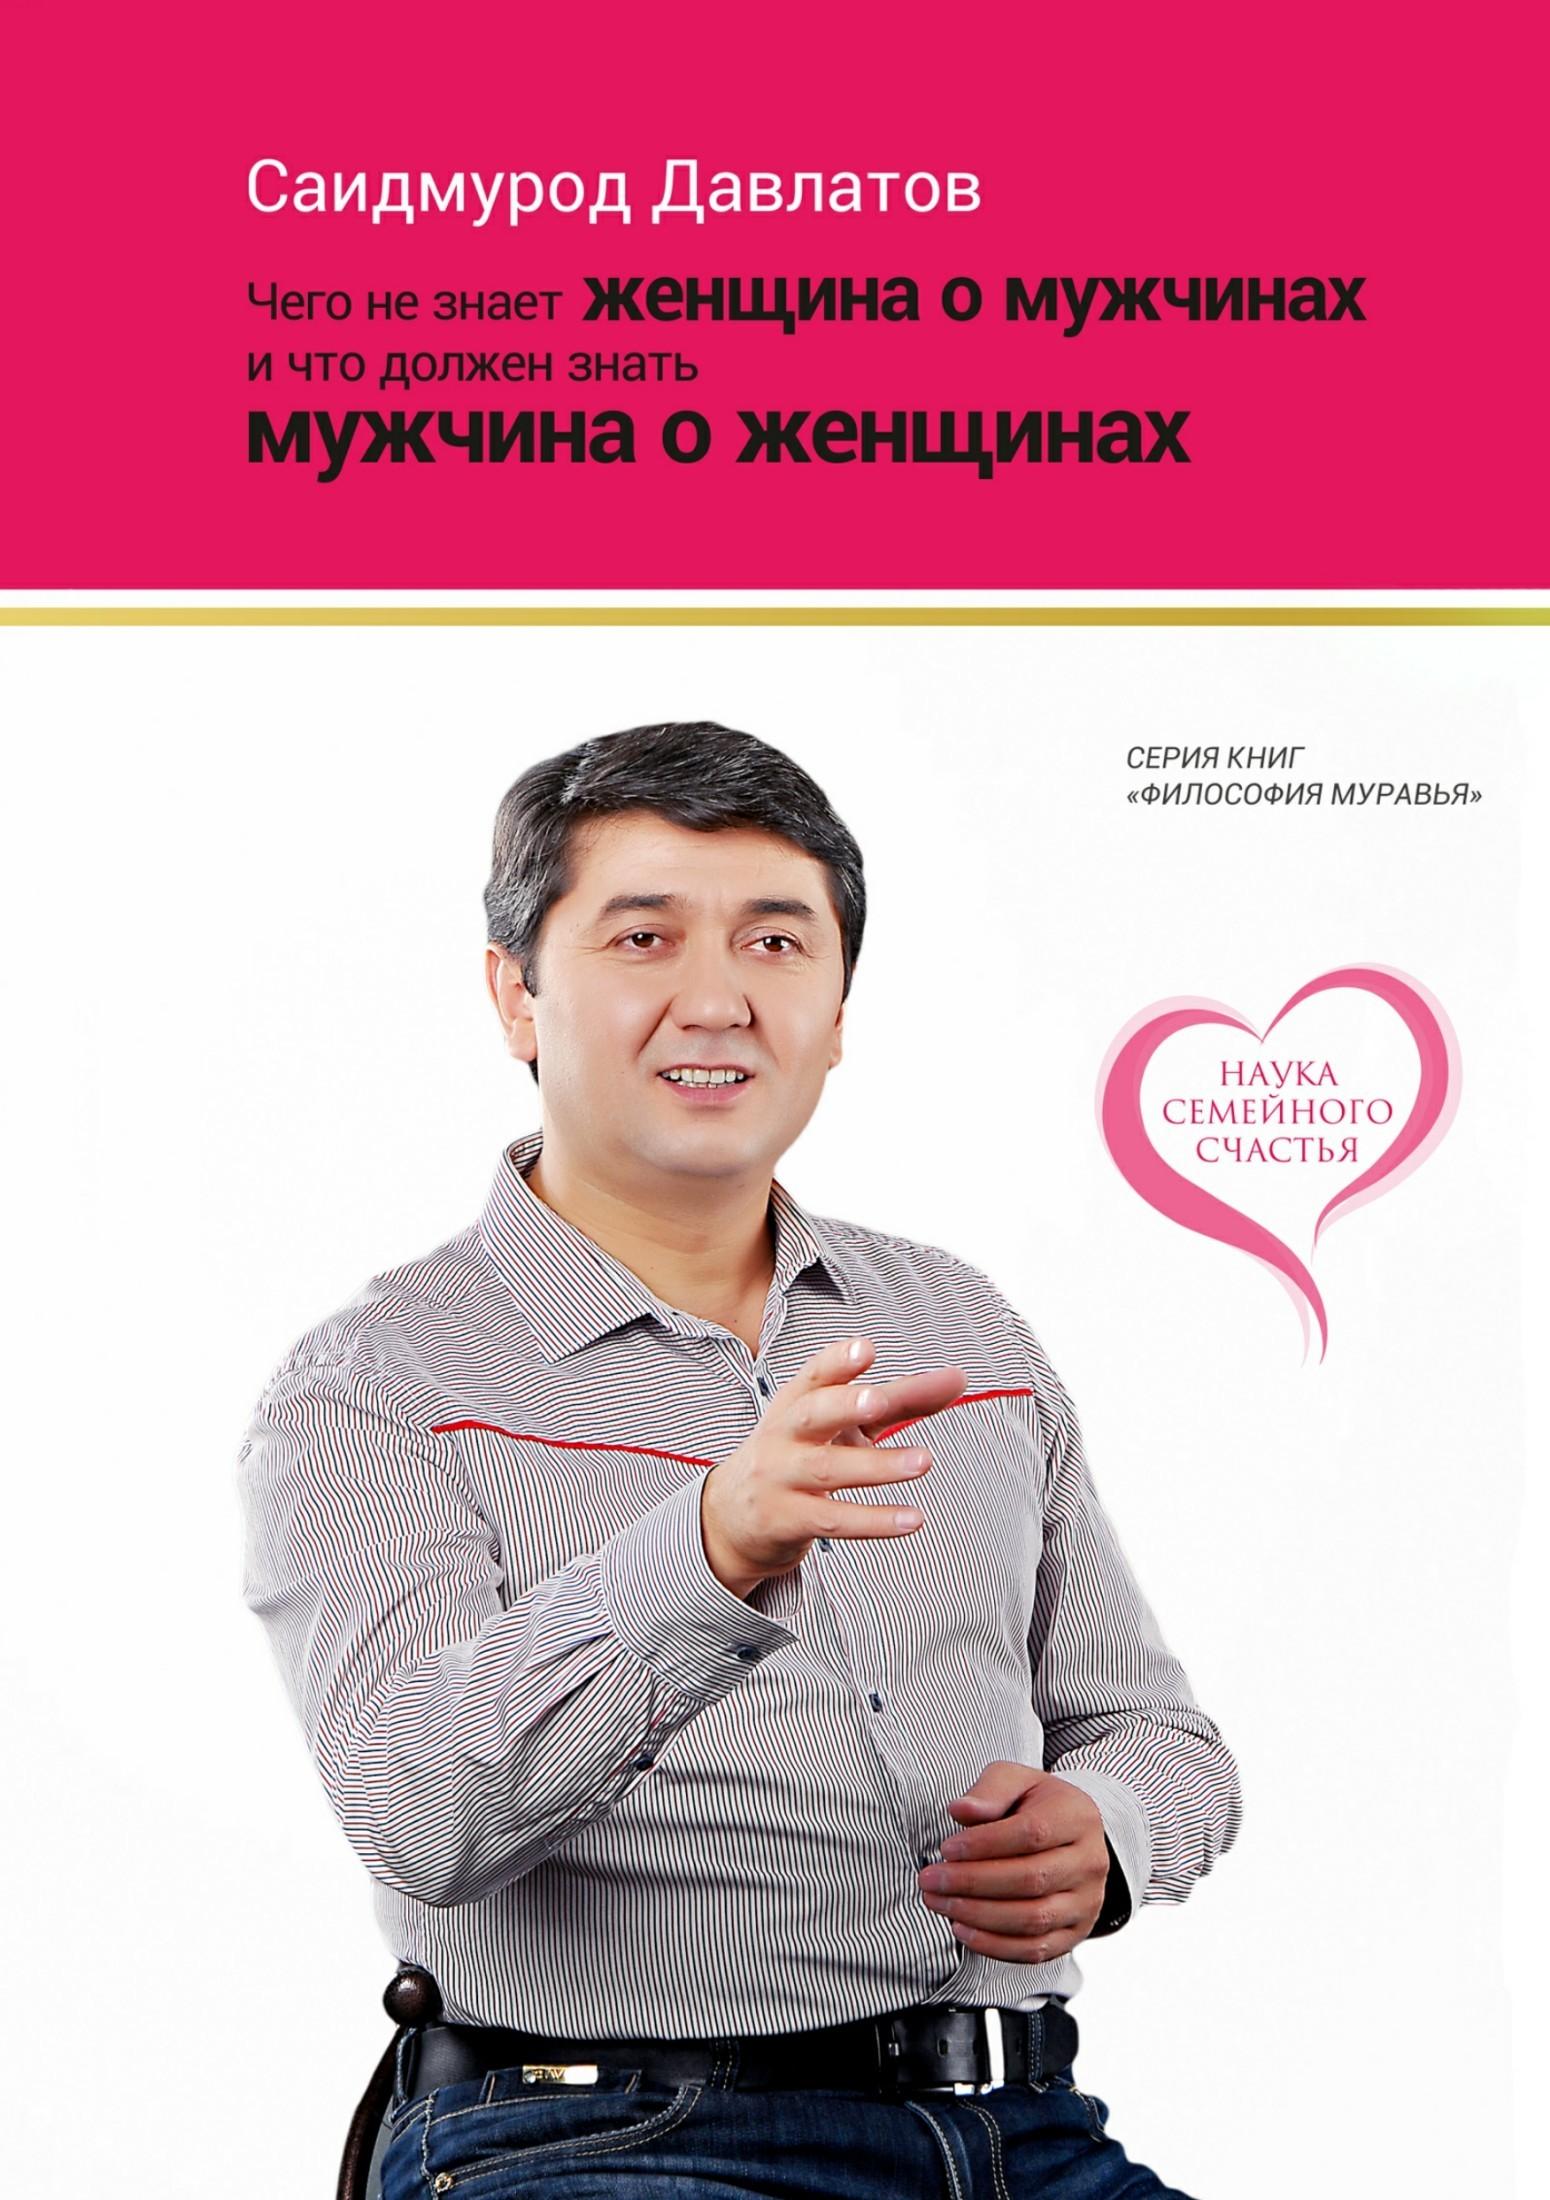 Саидмурод Давлатов «Чего не знает женщина о мужчинах и что должен знать мужчина о женщинах»